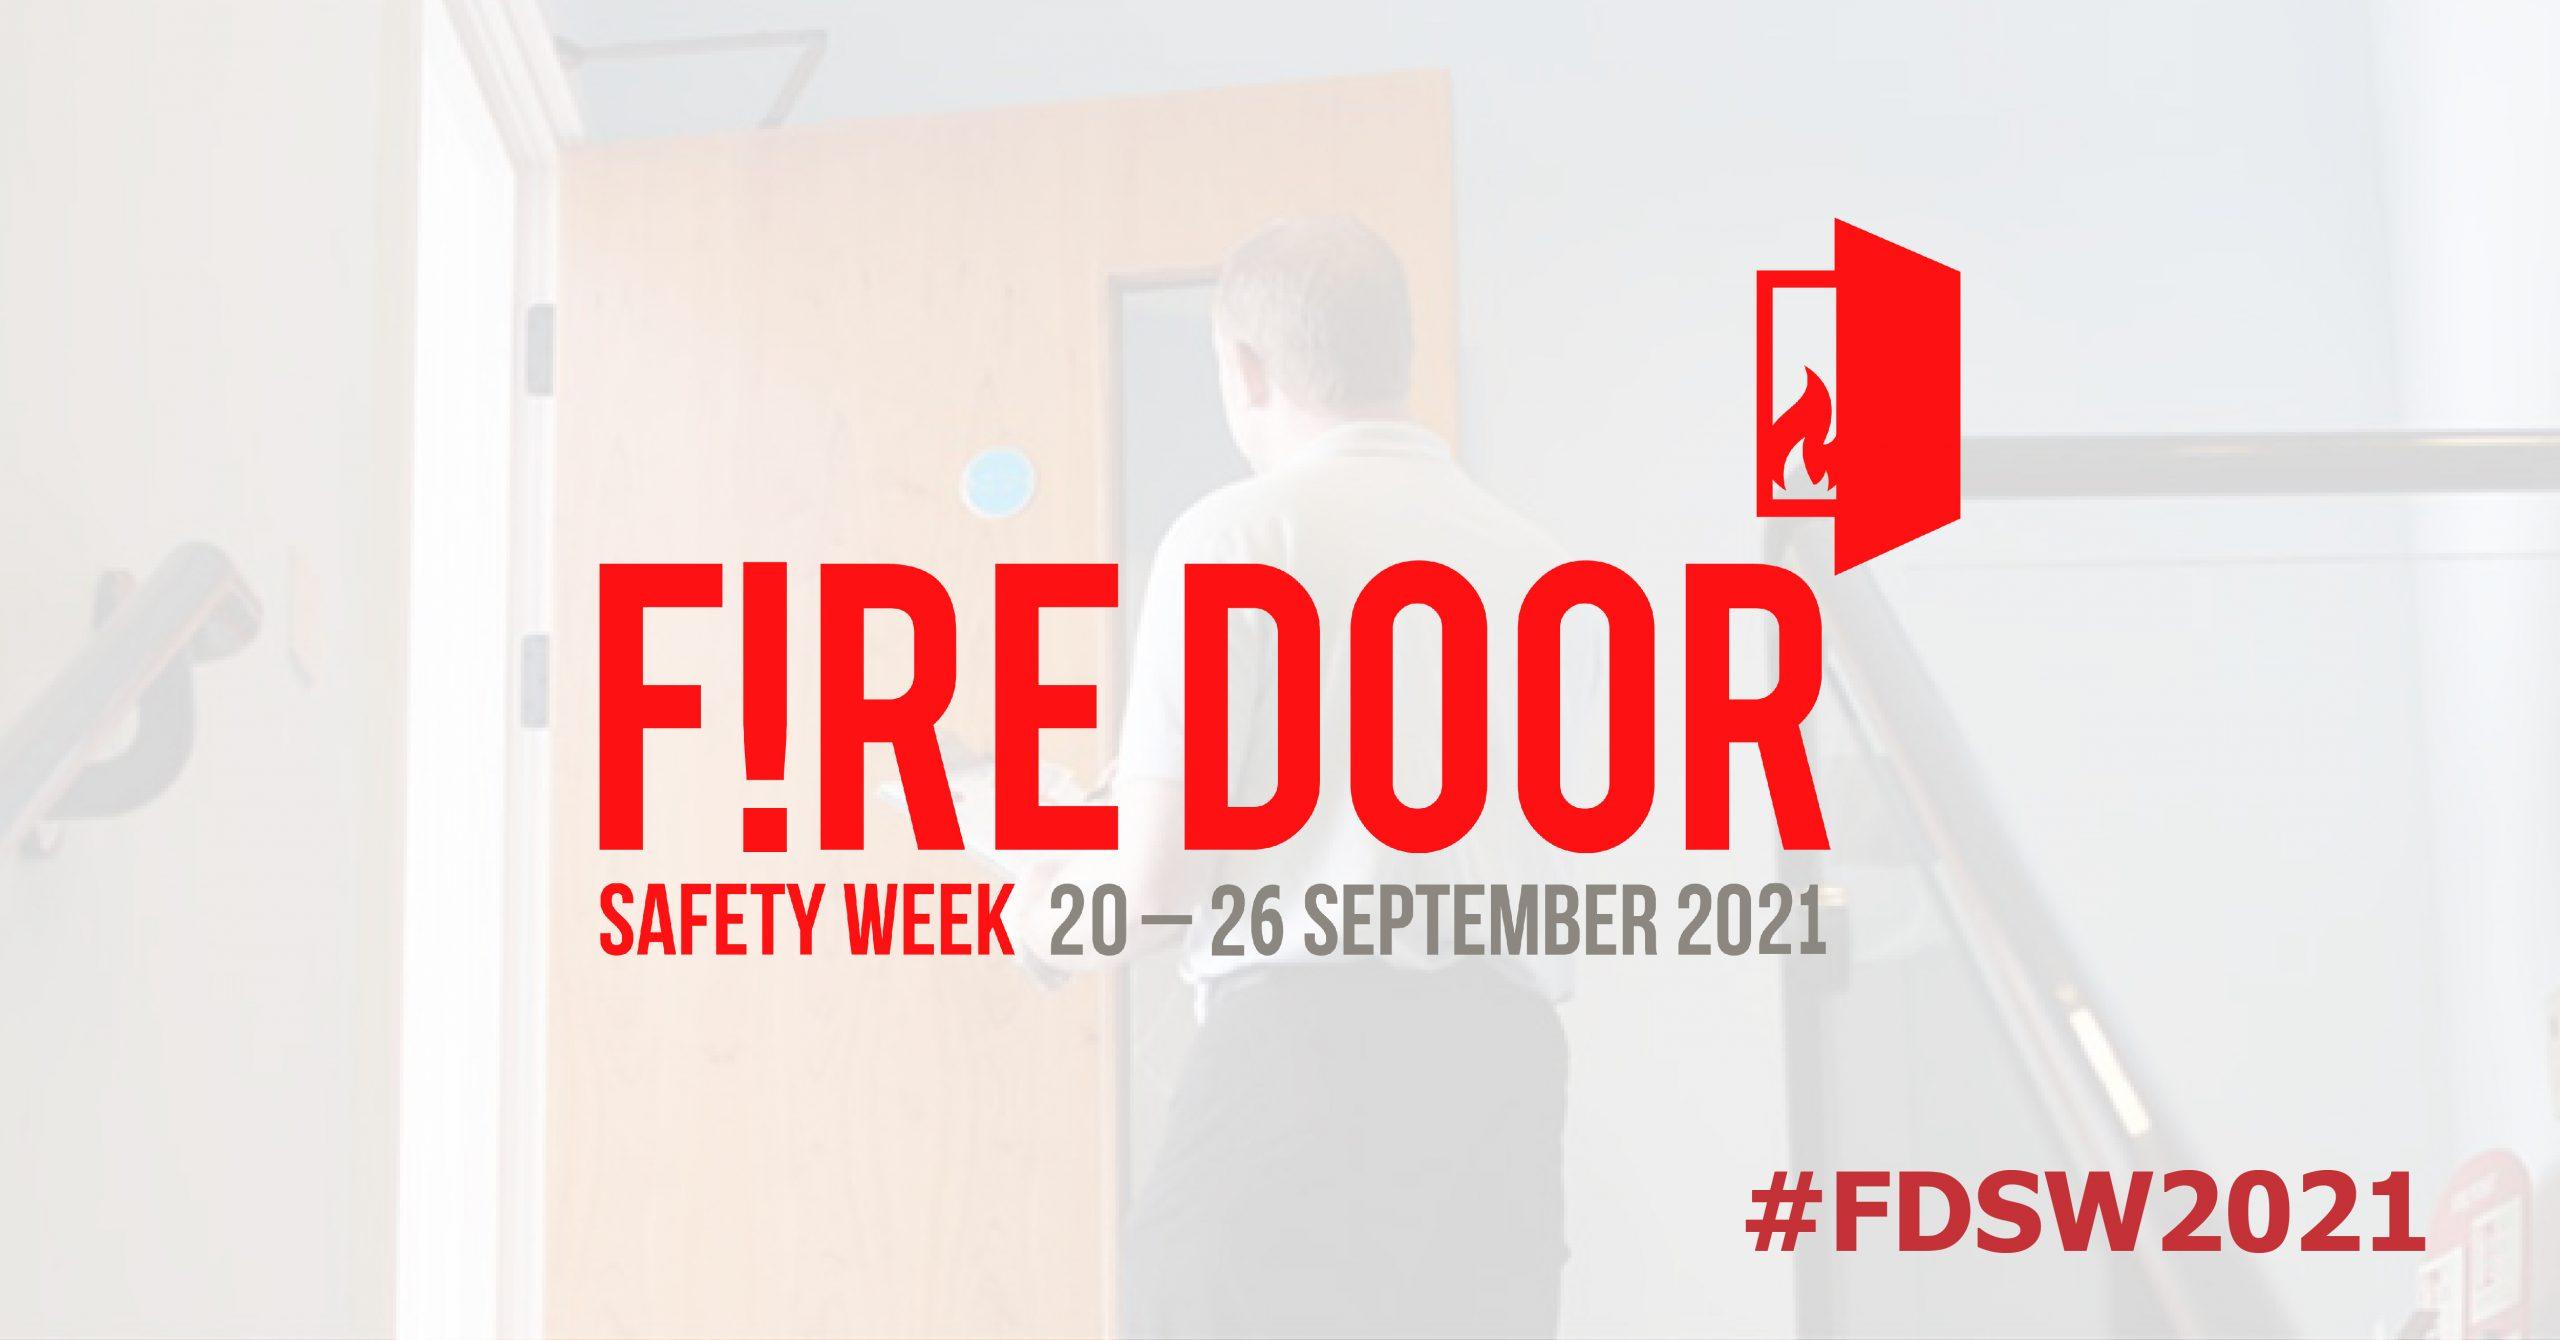 Fire Door Safety Week 2021